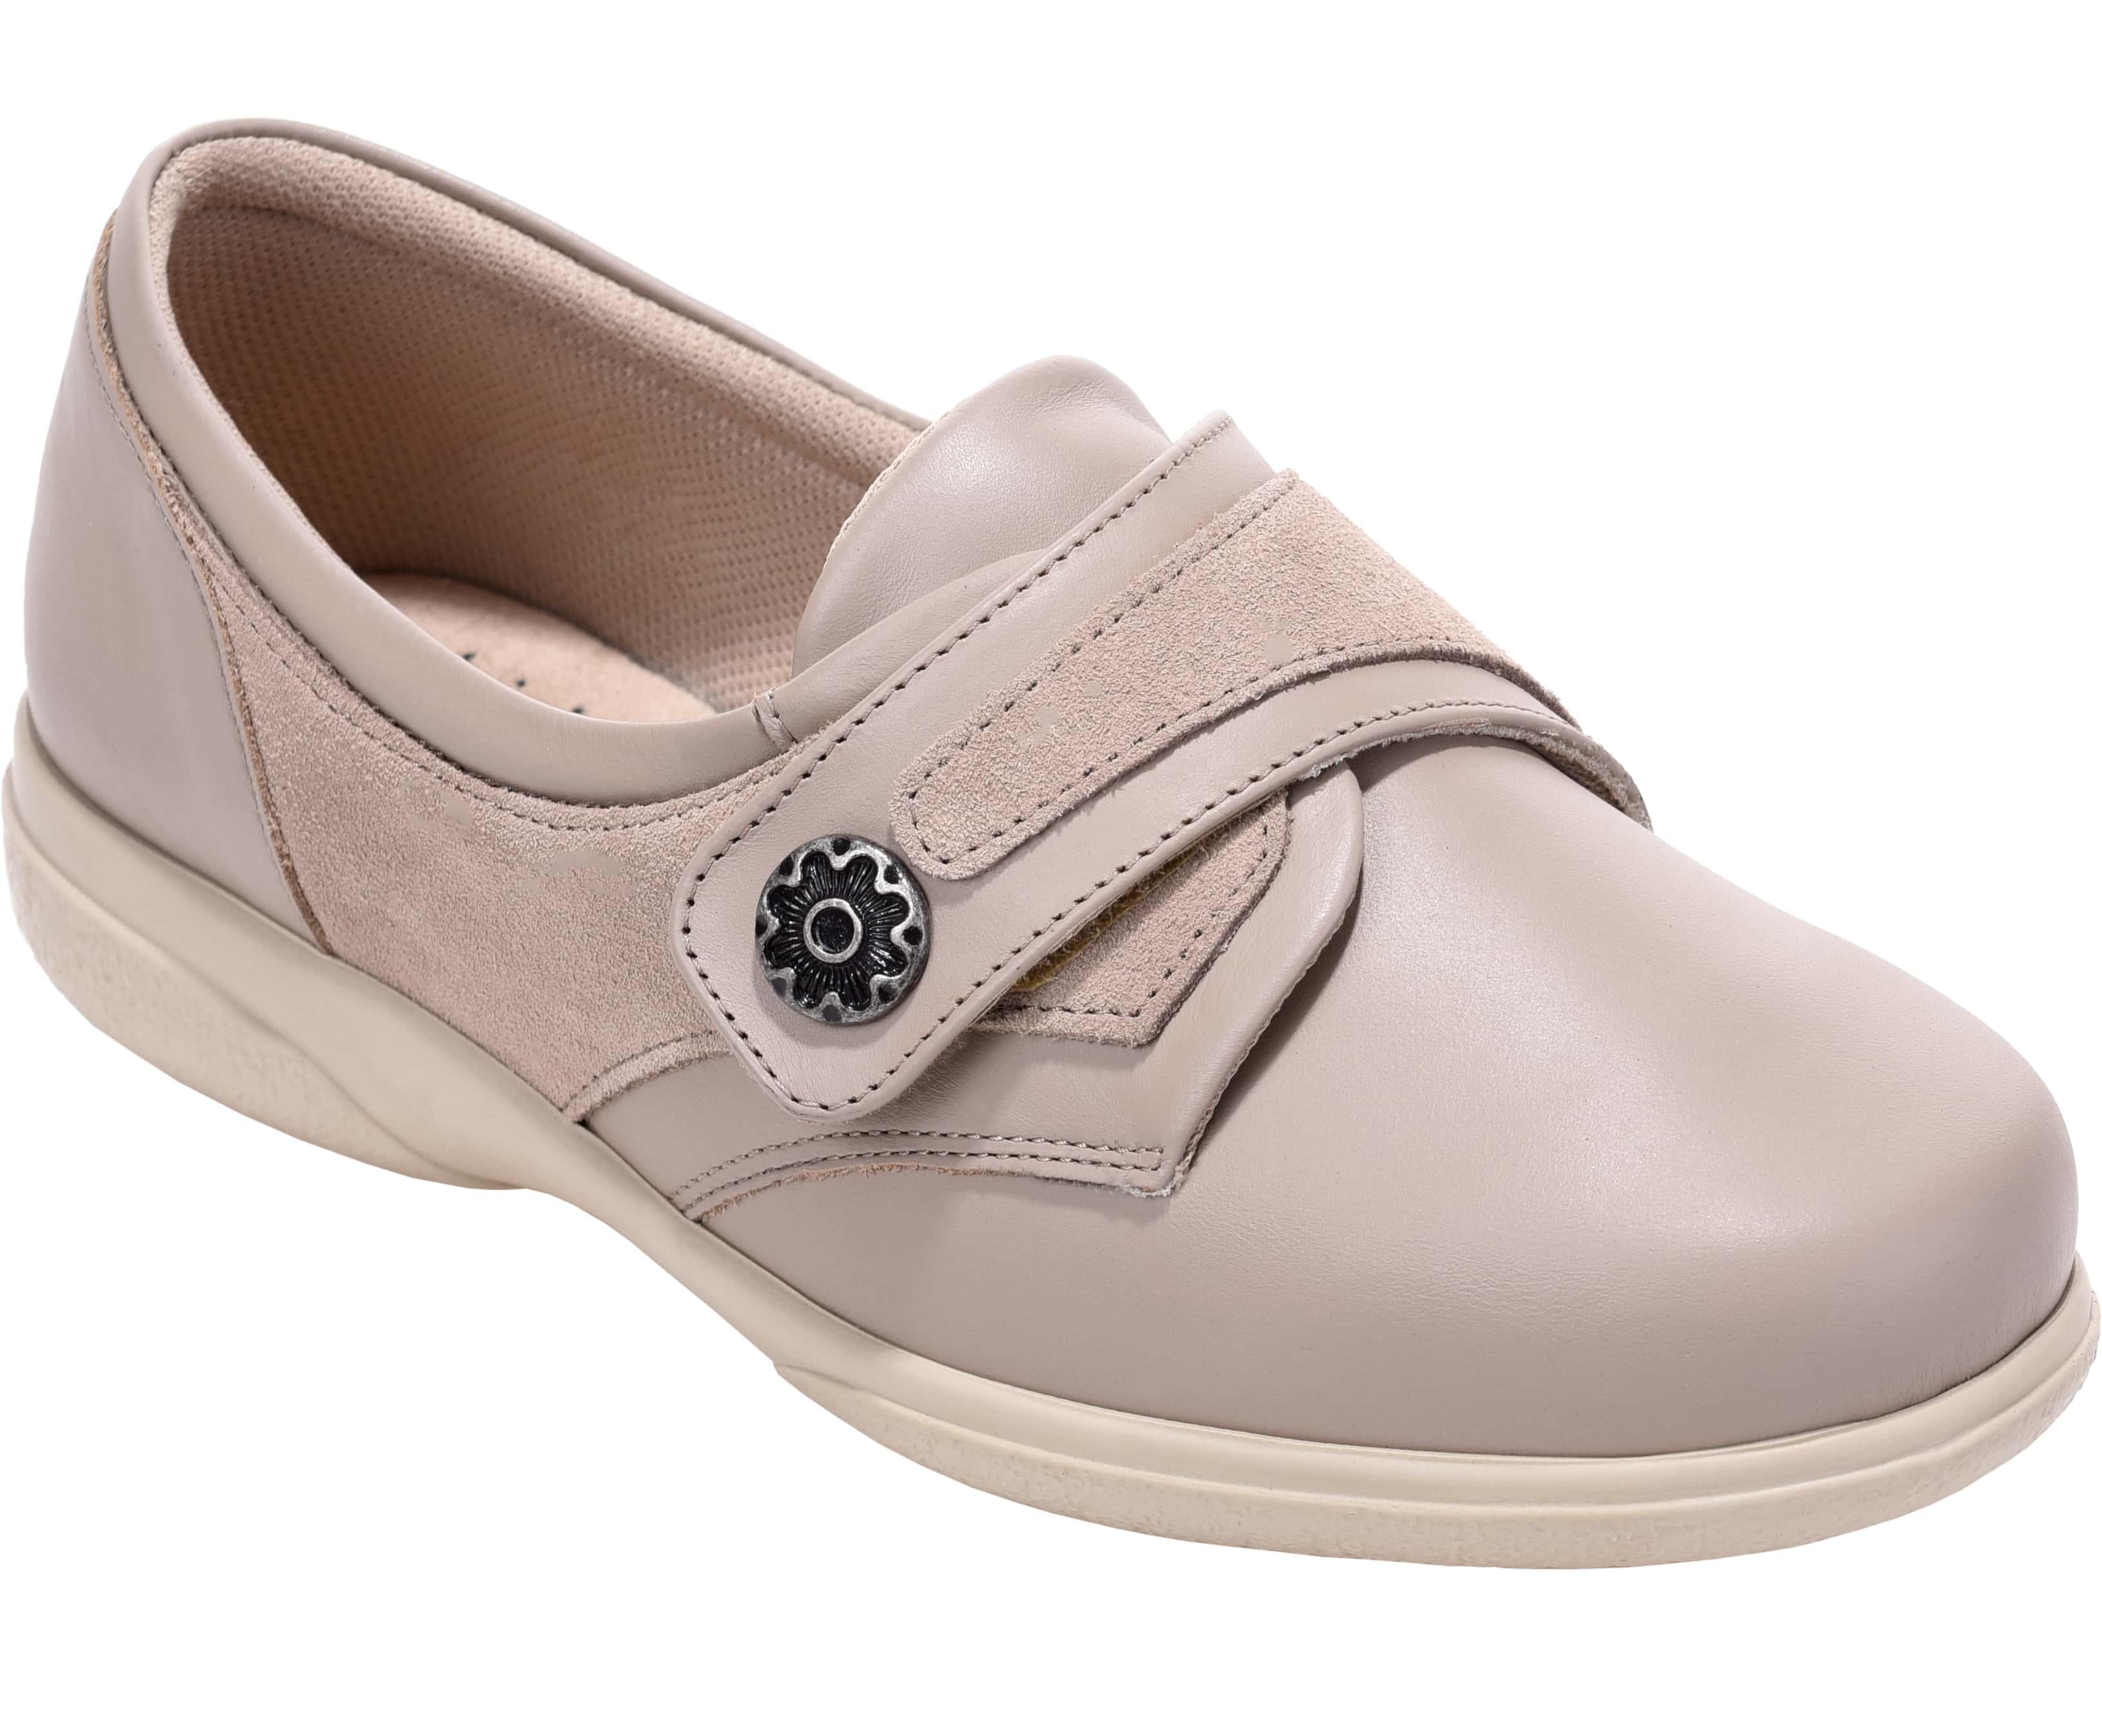 Cosyfeet footwear in Ireland